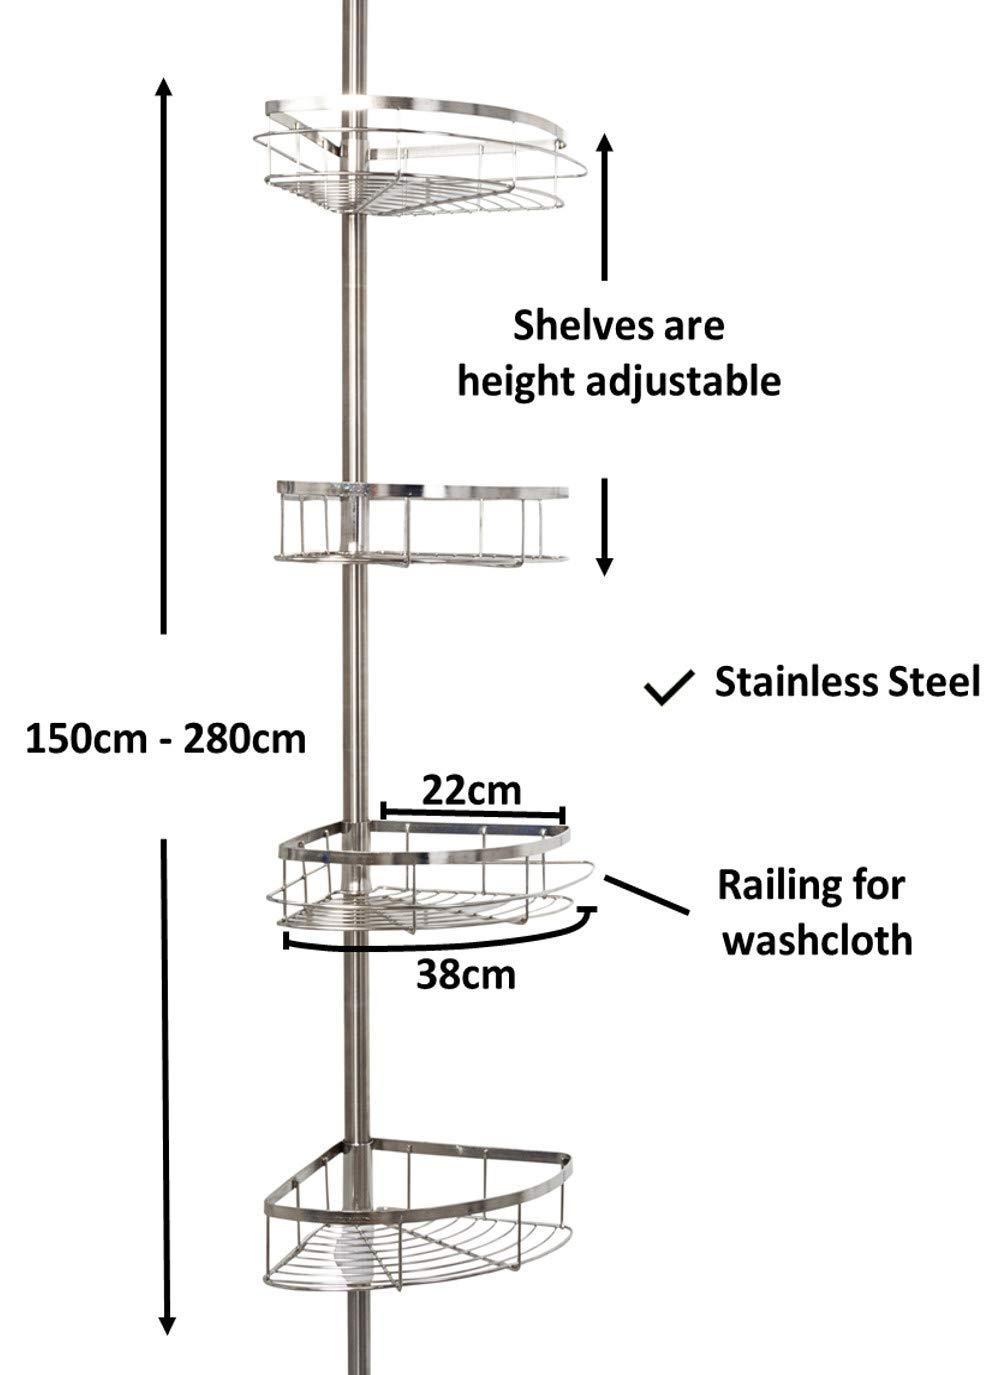 jocalvi – Estantería de Ducha telescópica Acero Inoxidable – Baño Estantería para Esquina 150 cm de 280 cm – para Ducha Bañera o Cocina